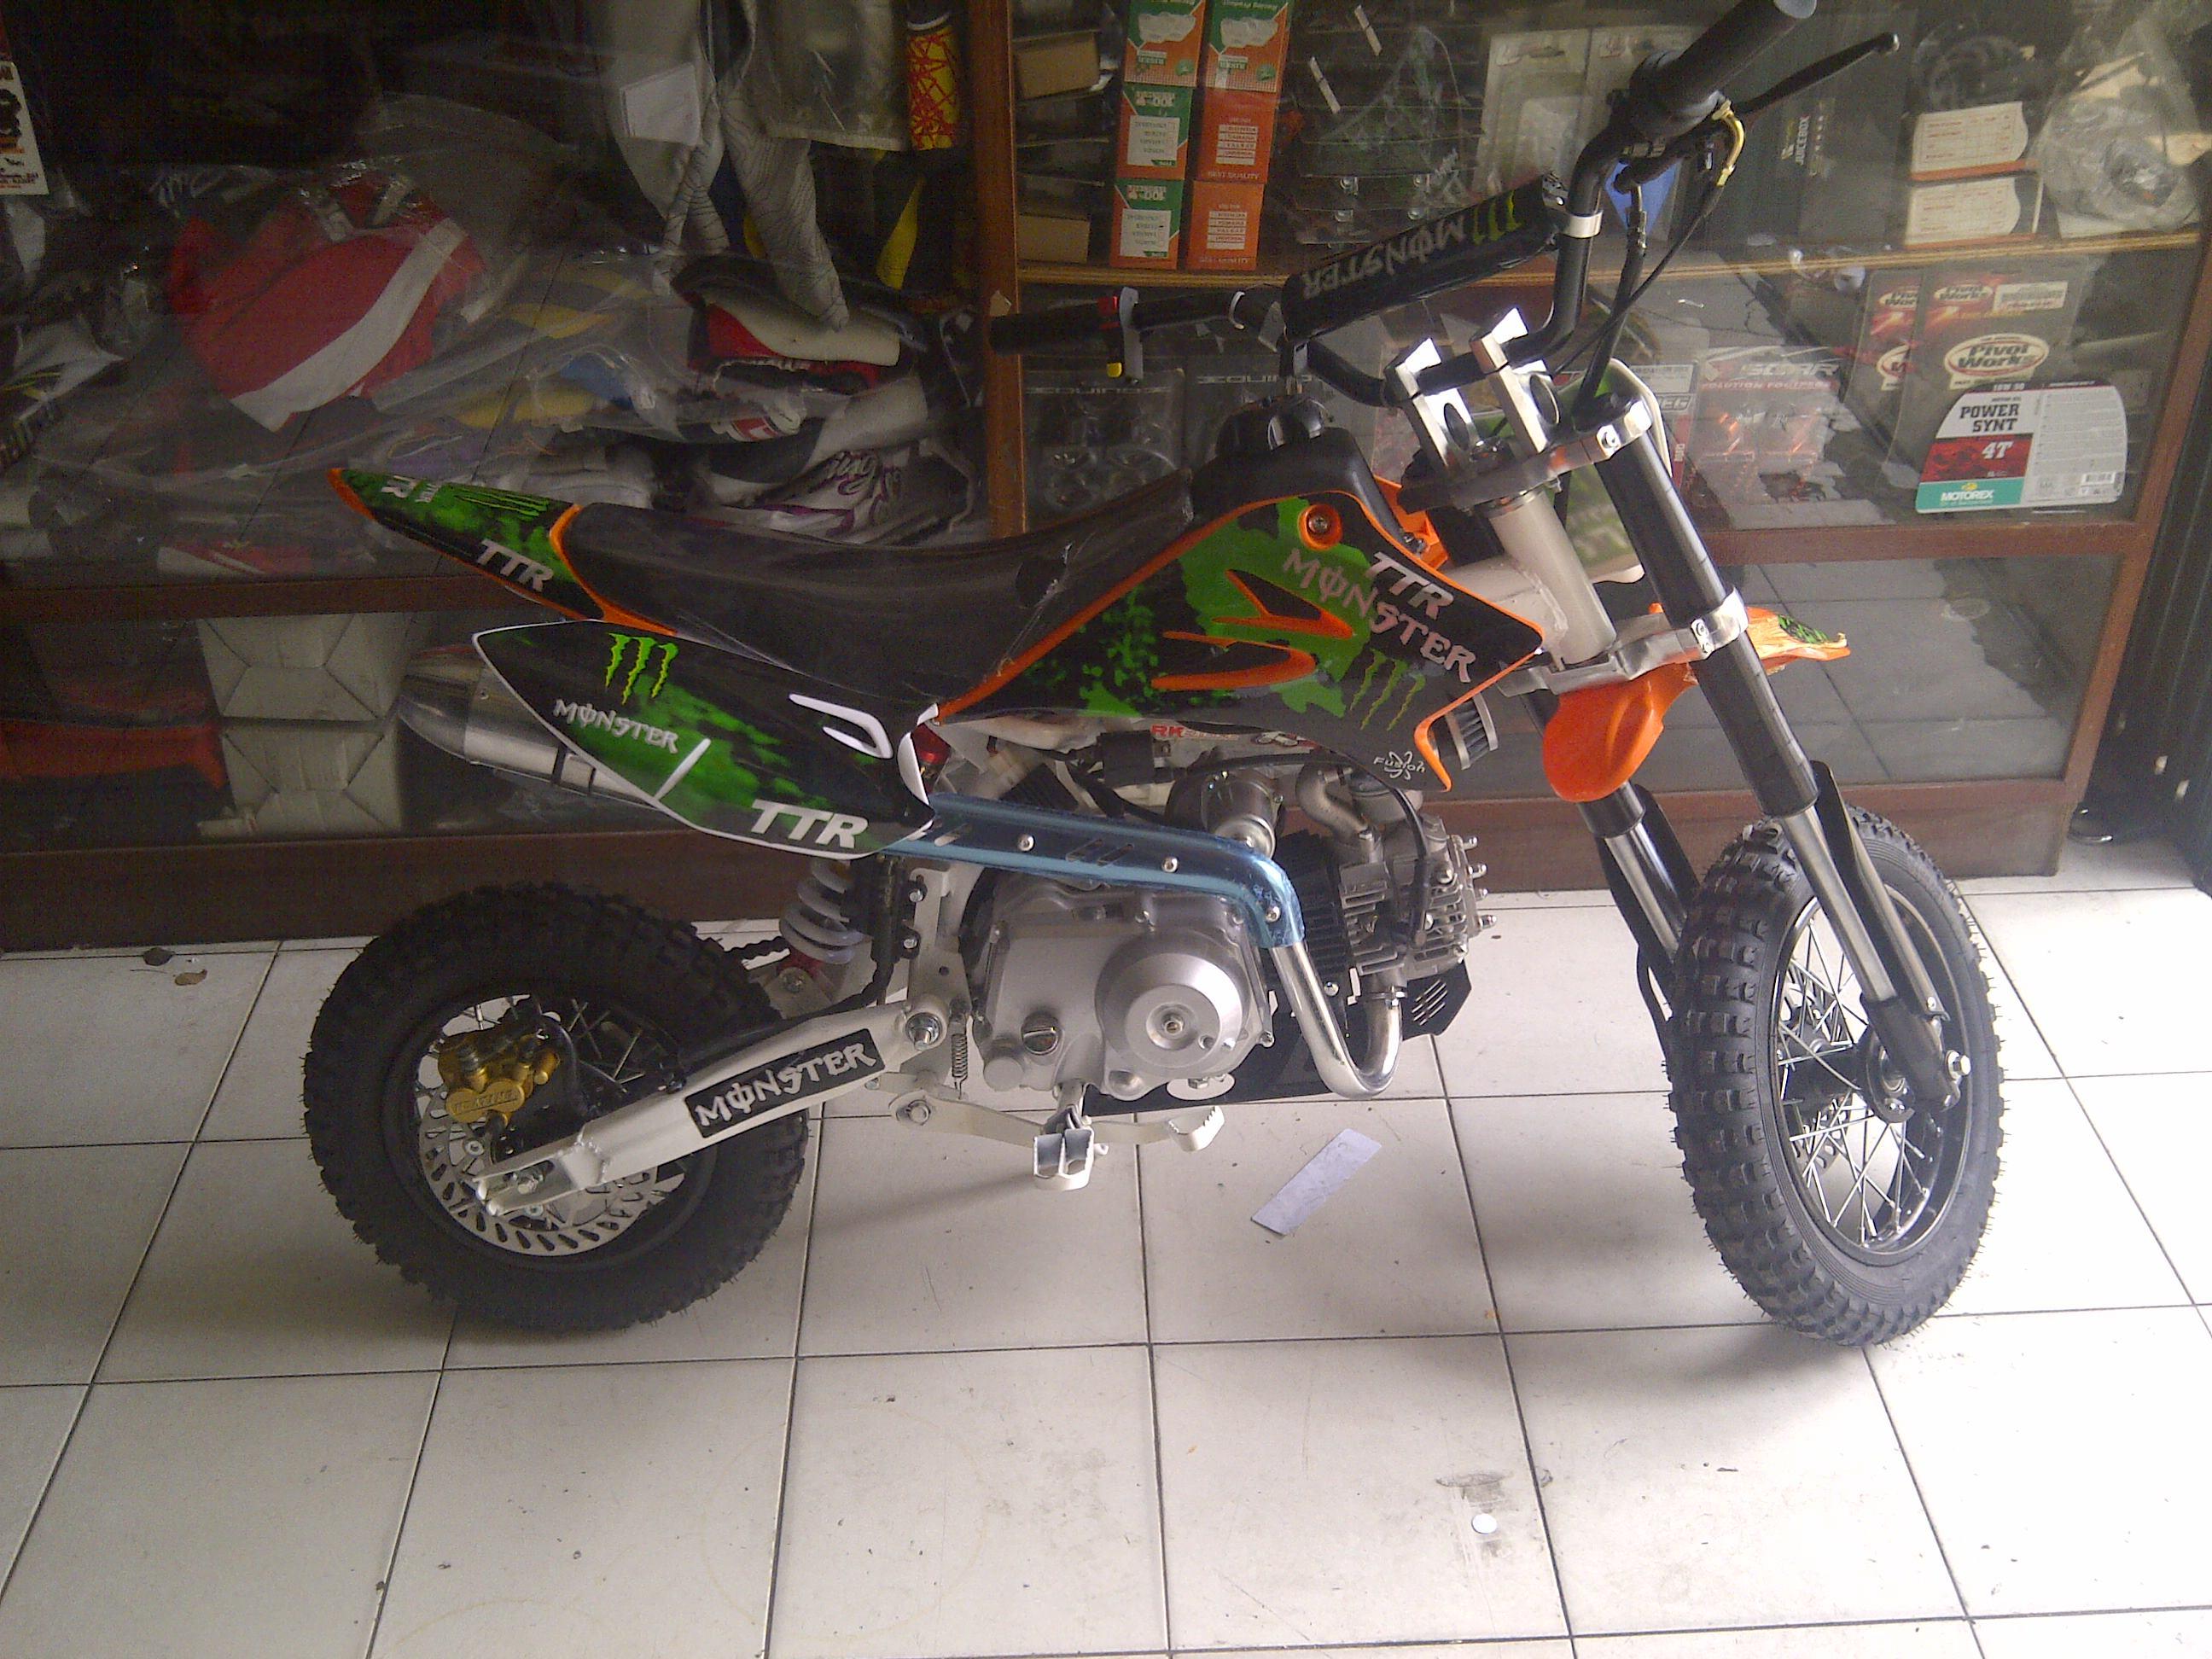 IMG 20140911 00183 mini moto ttr 110 cc 4 tak MATIC hrg 7,5 jt